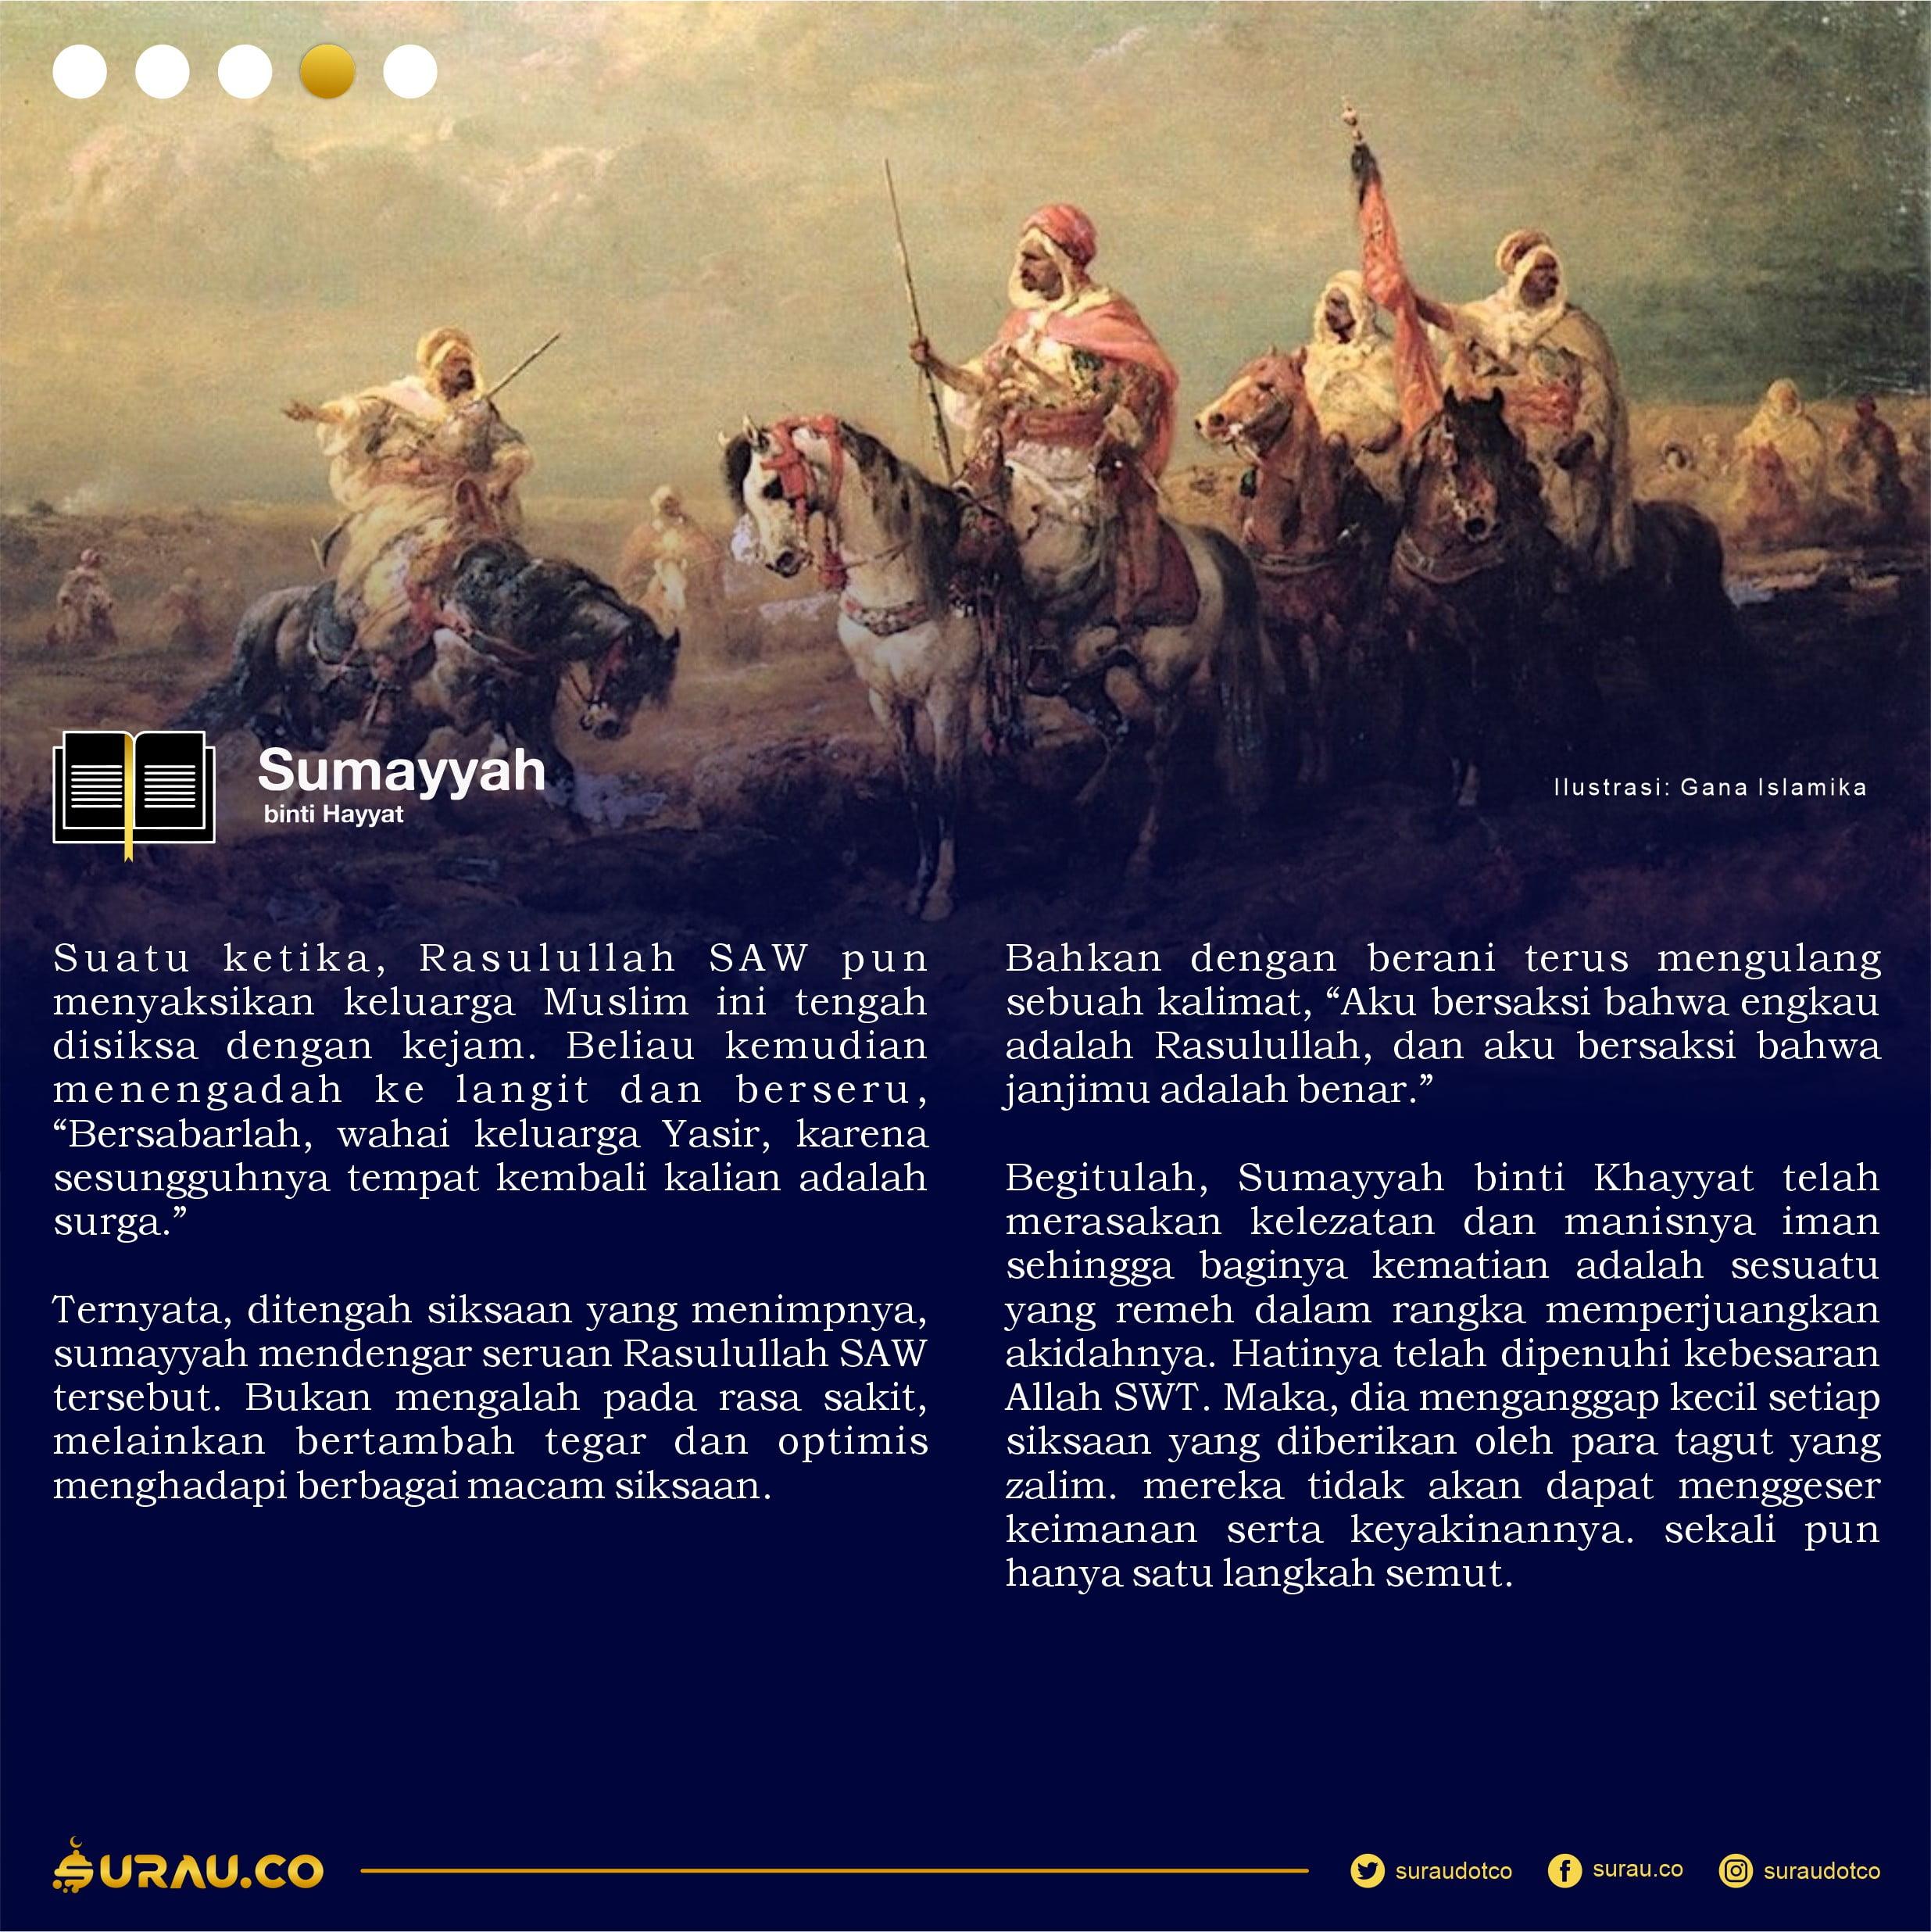 Kisah Sumayyah slide 4